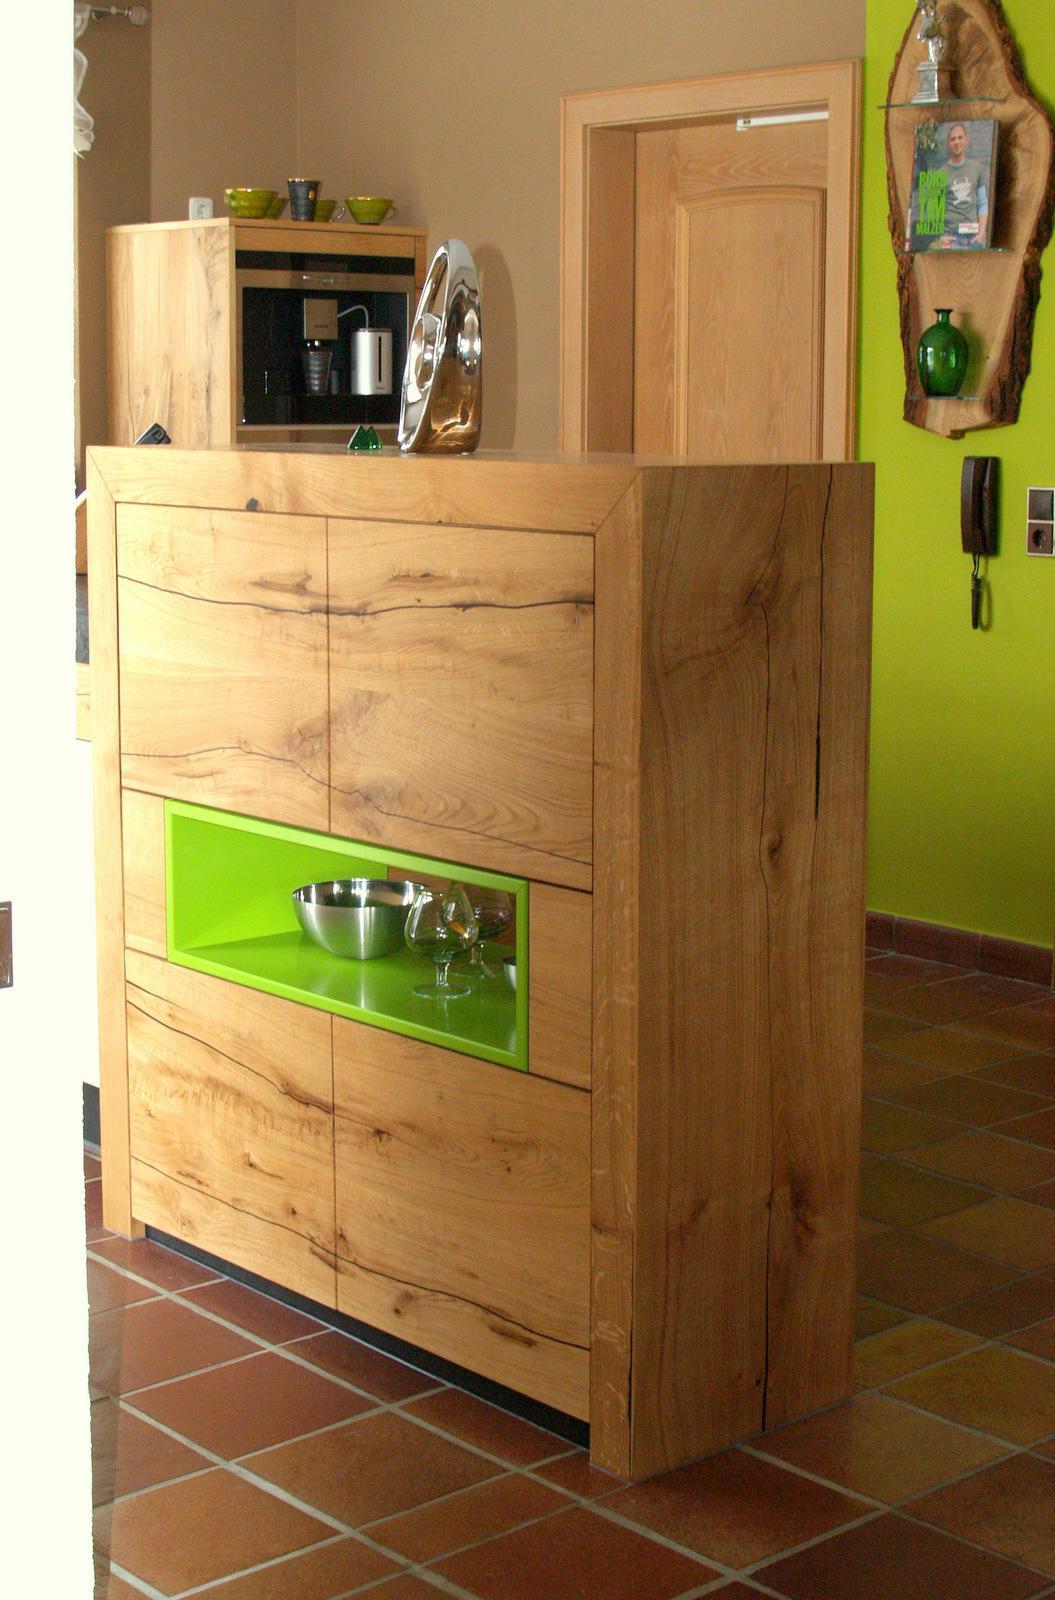 Full Size of Holzküche Mit Sound Holzküche Streichen Vorher Nachher Hape Wanju Holzküche Holzküche Lackieren Küche Holzküche